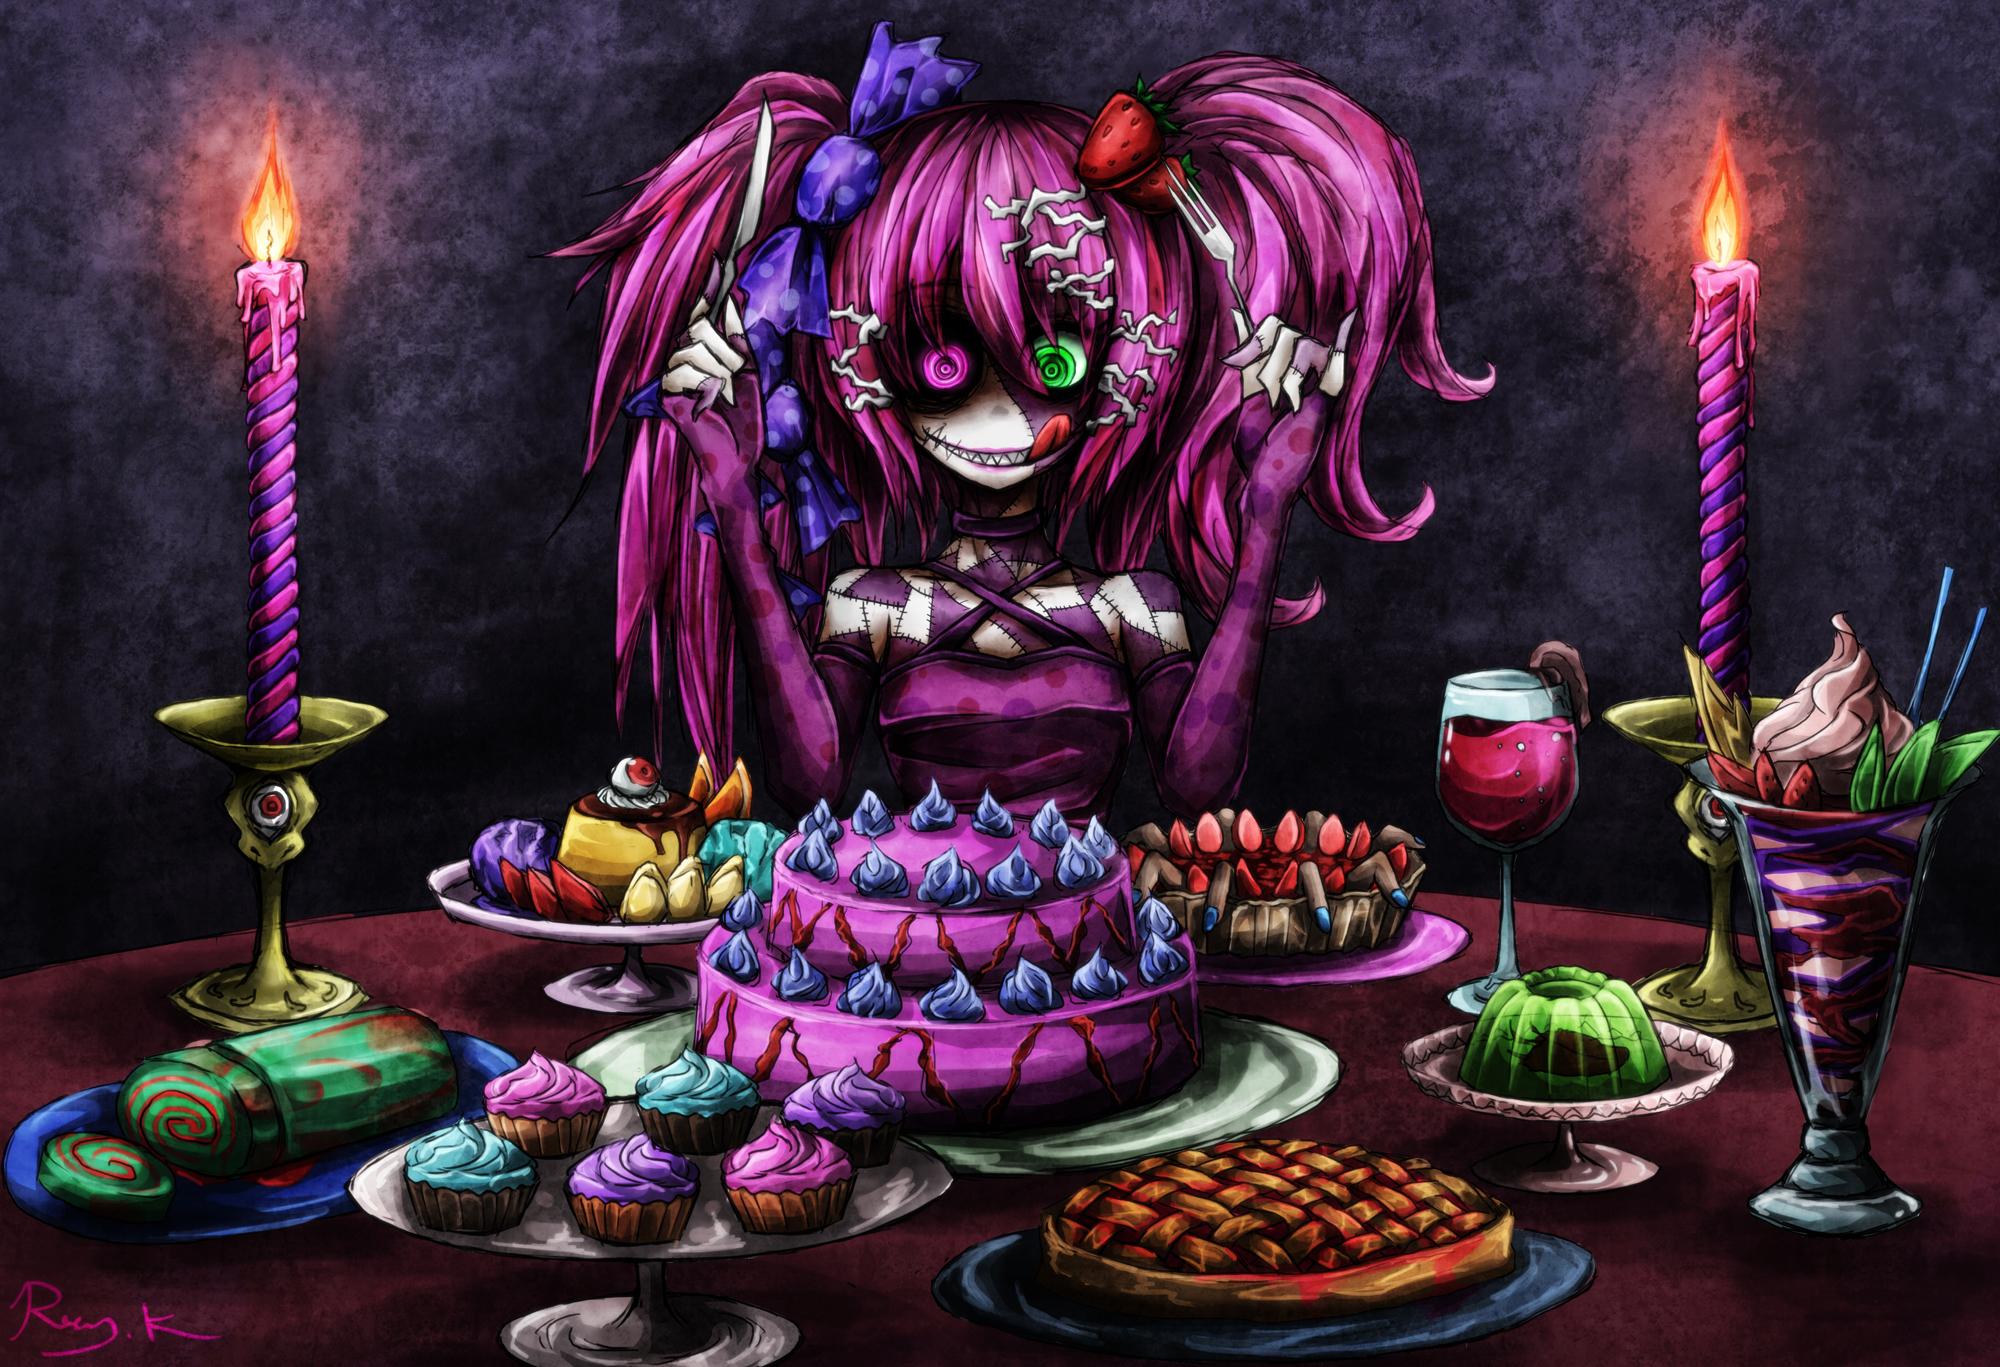 Vocaloid hatsune miku dark horror macabre games food